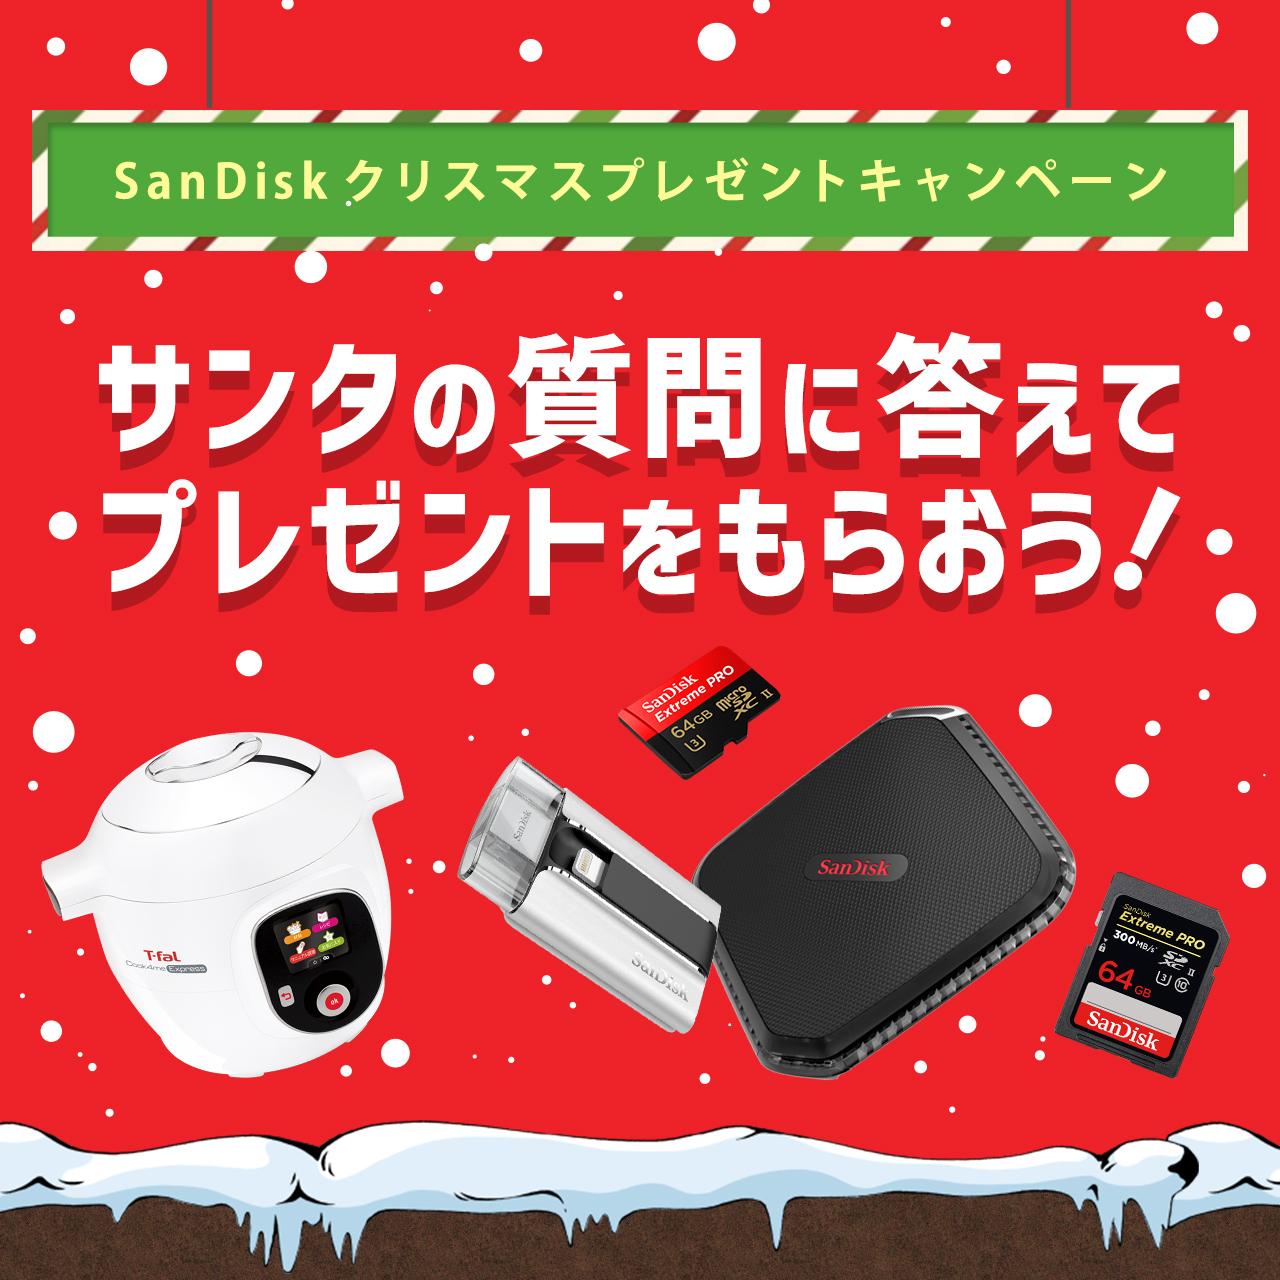 【受付終了】サンディスク クリスマスキャンペーン 「サンタの質問に答えてプレゼントをもらおう!」